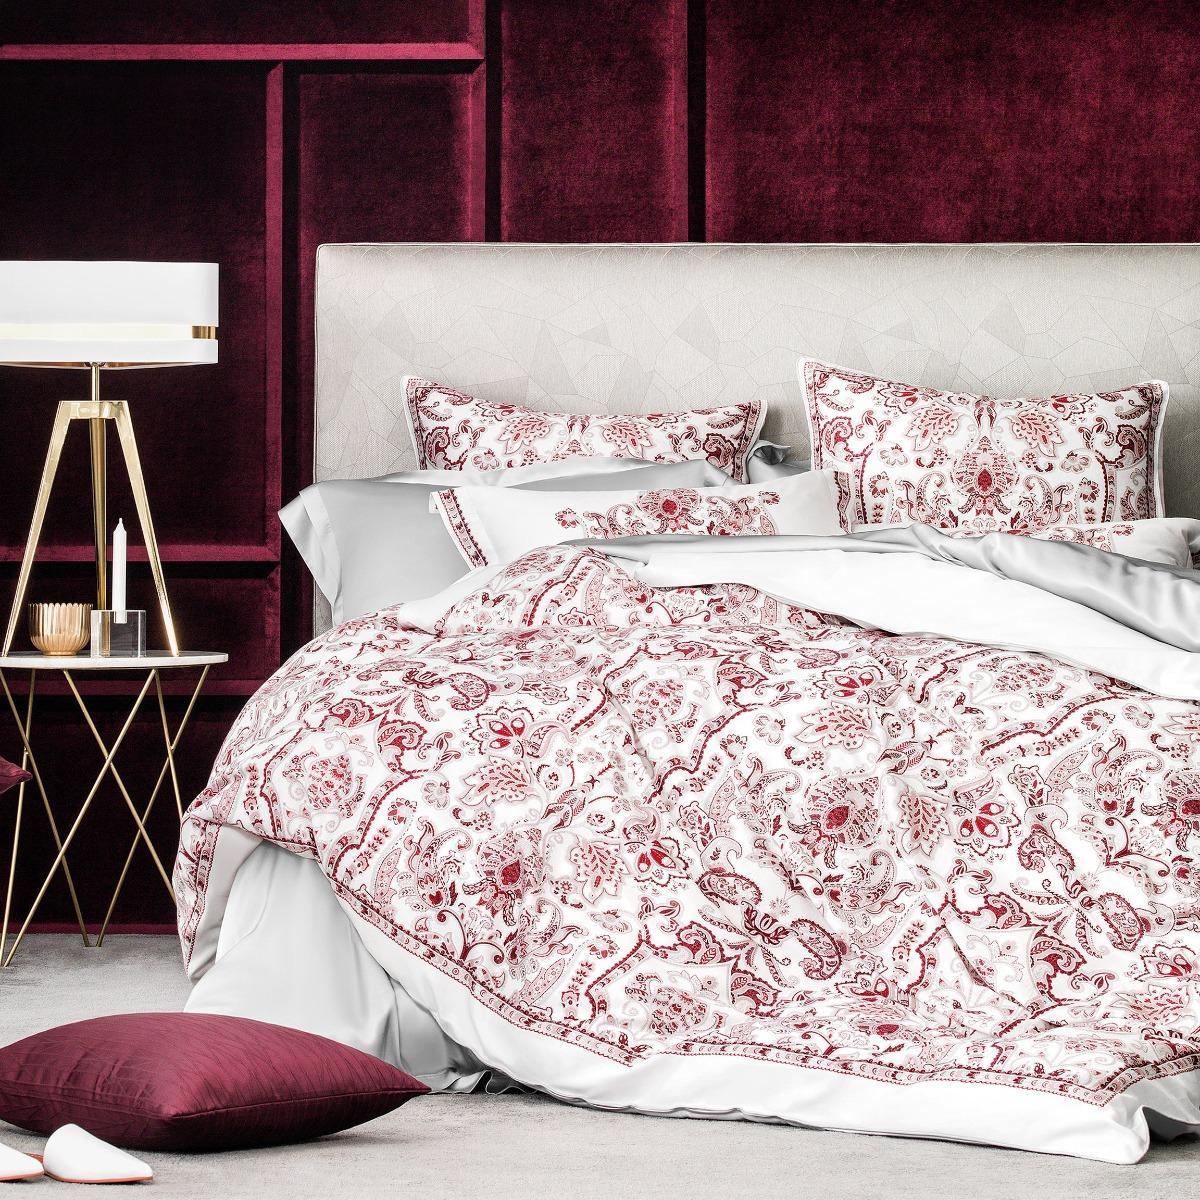 Комплект постельного белья Togas Розетта Полуторный белый с розовым